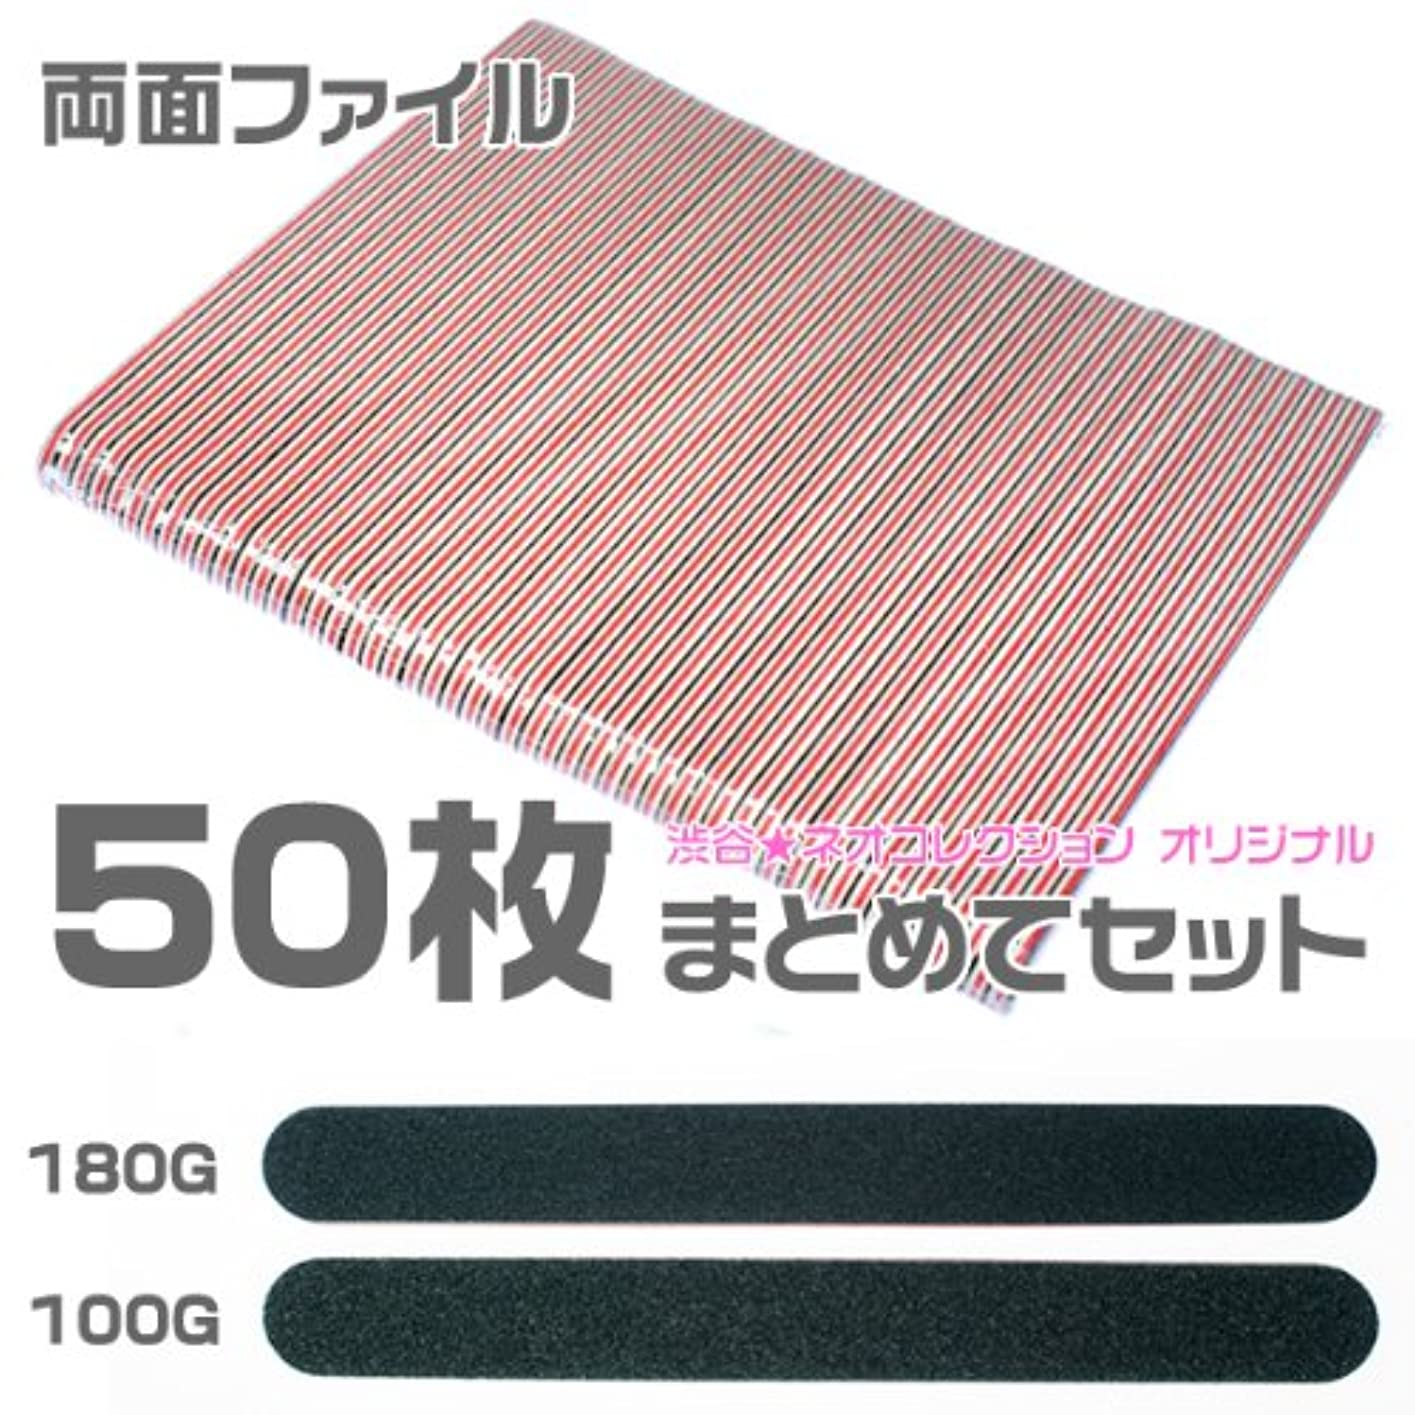 散文本物検体高品質ネイルファイル50枚セット 100 180G 大量まとめ買い エメリーボード 100グリッド180グリッド